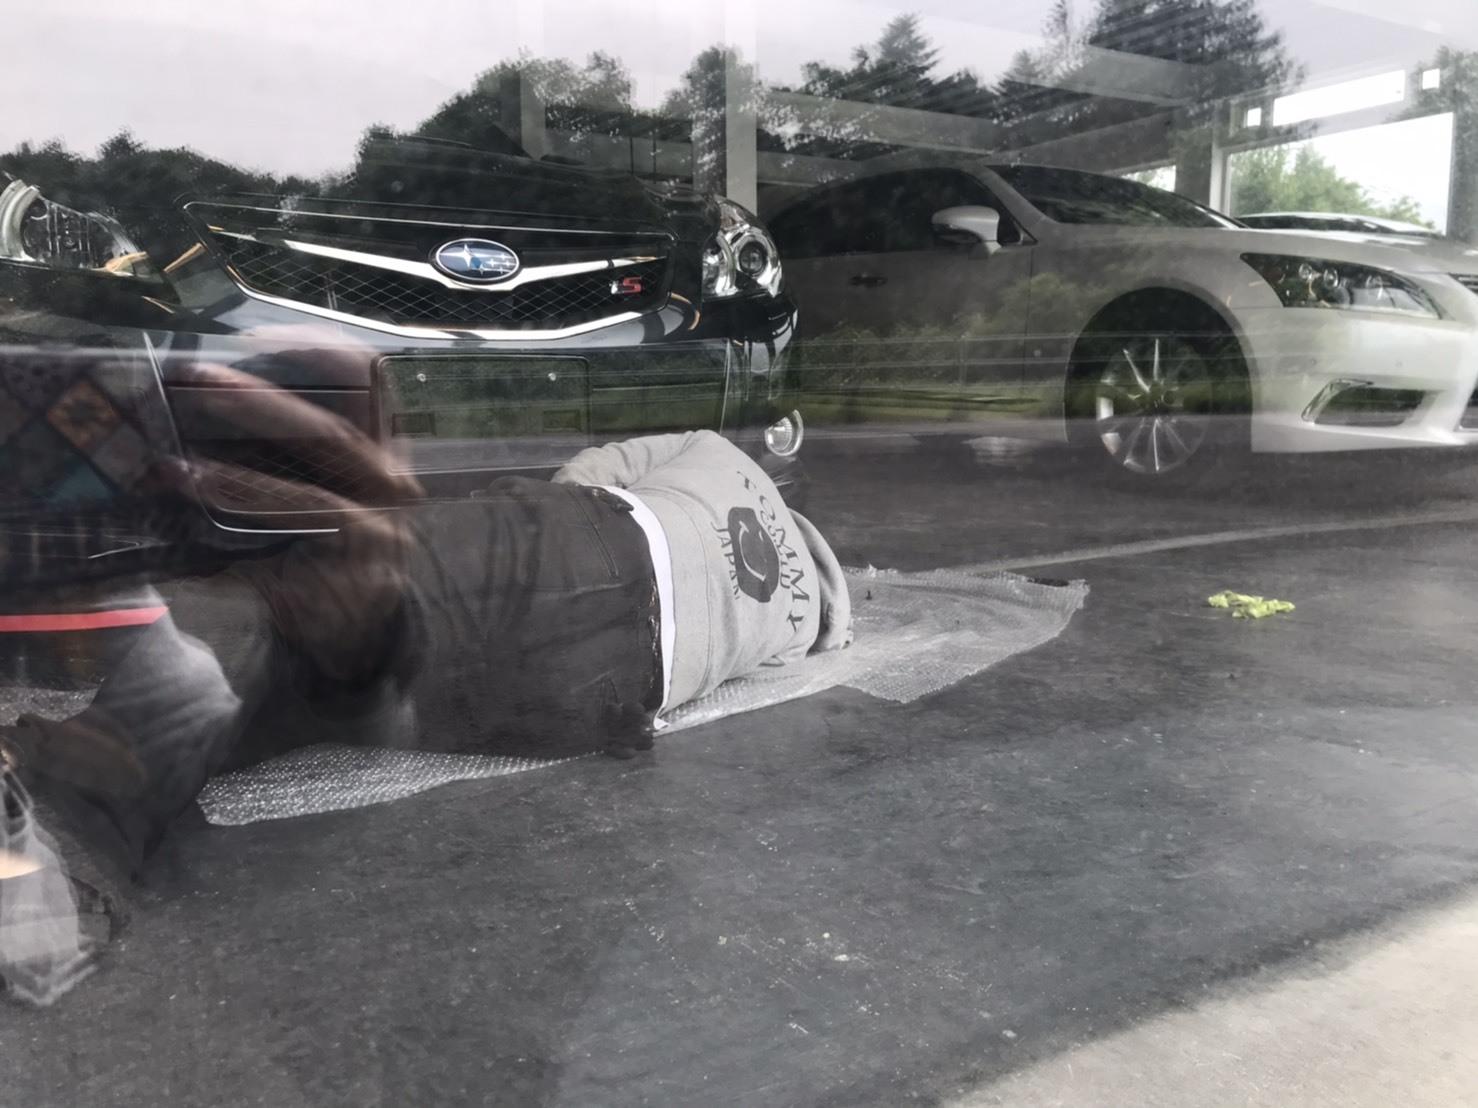 6月12日(土) 本店ブログ☆シボレーシルバラード LT クルーキャブ4WDあります☆ランクル エスカレード LX570 TOMMY_b0127002_16173206.jpg